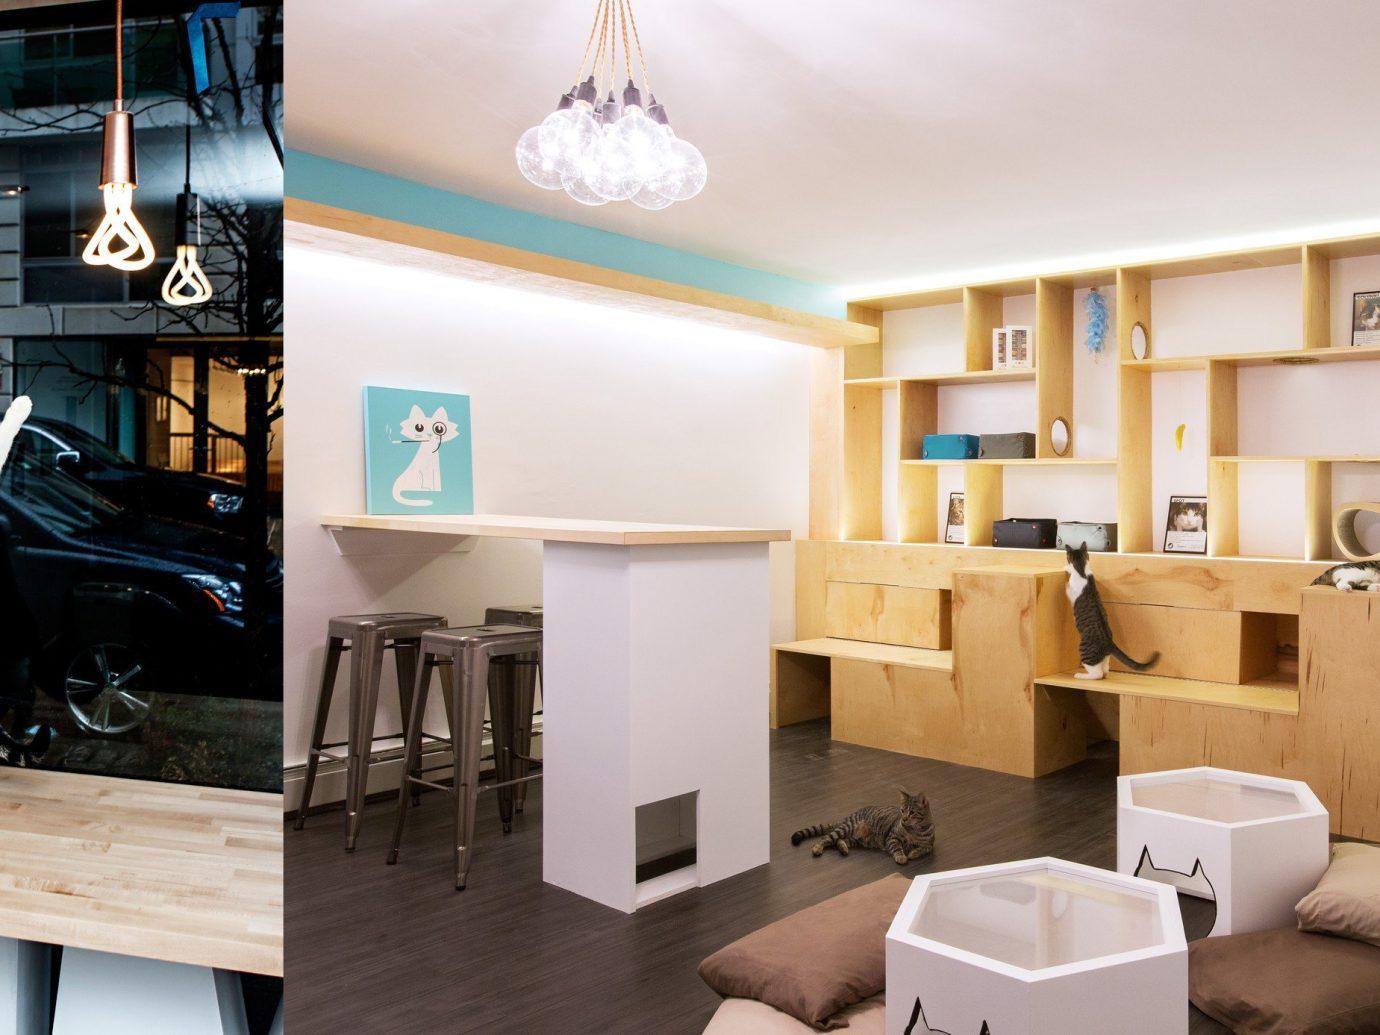 Offbeat floor indoor room property ceiling Living home interior design living room Design real estate condominium estate apartment furniture